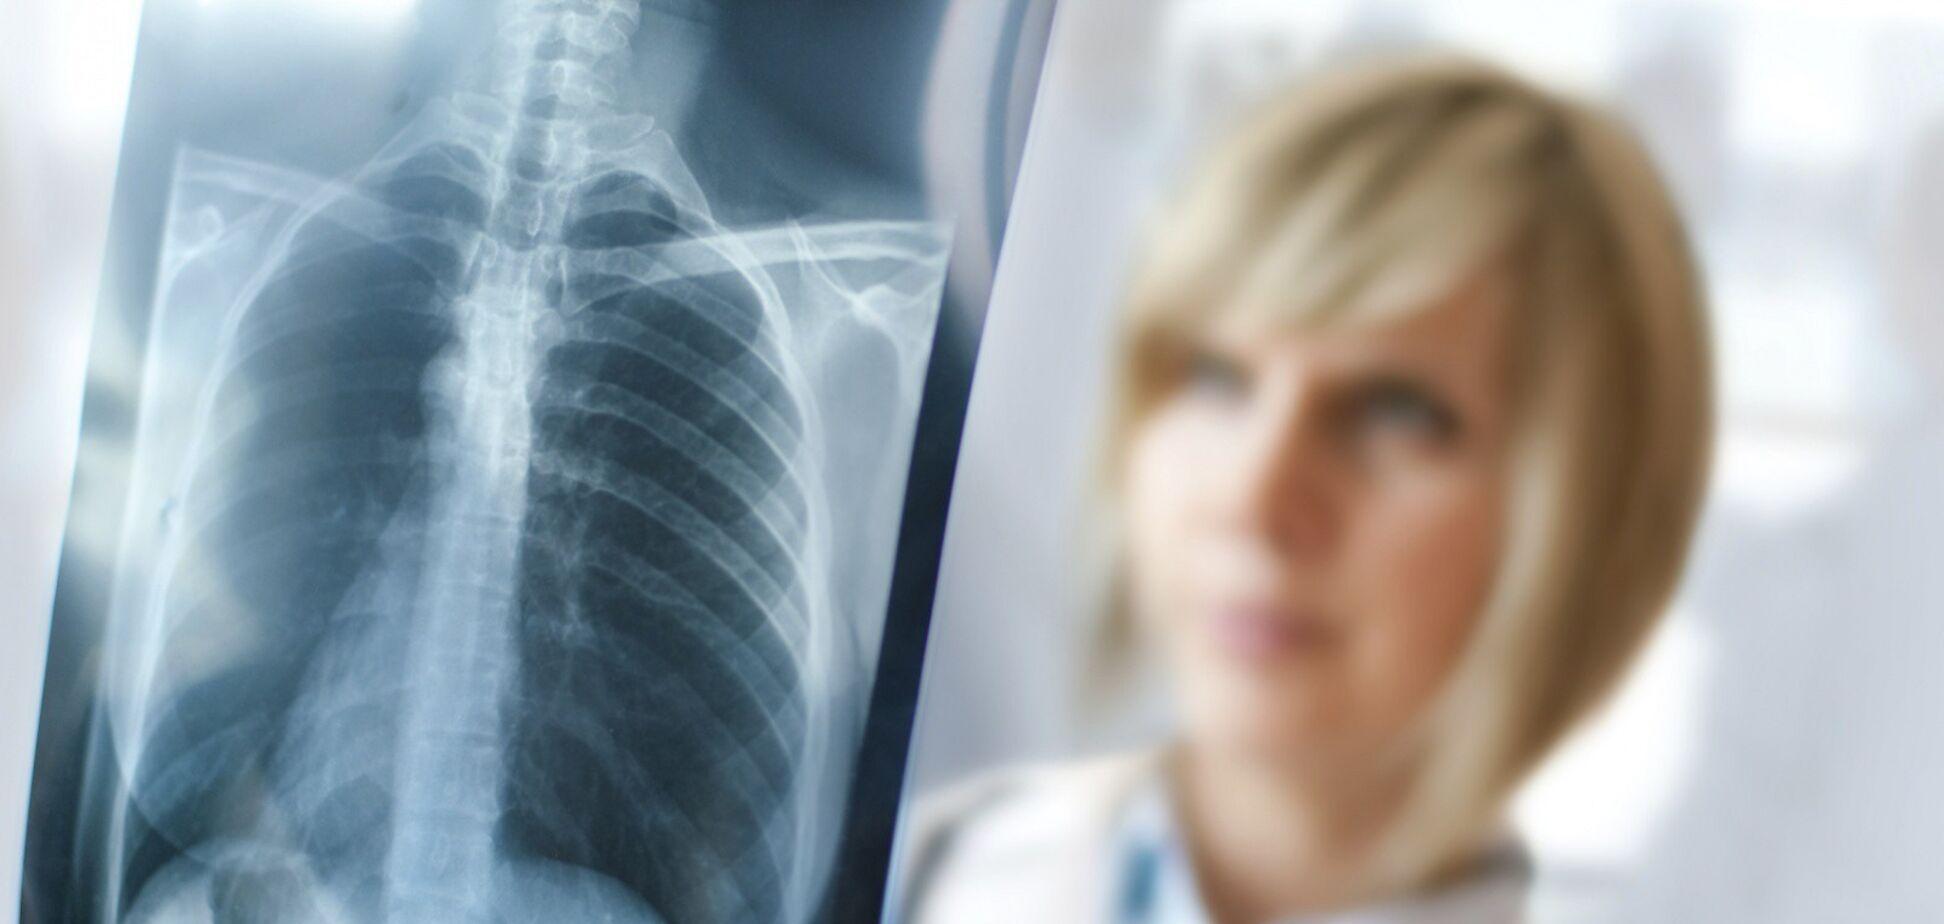 Сколько времени легкие восстанавливаются после коронавируса: врач дал ответ